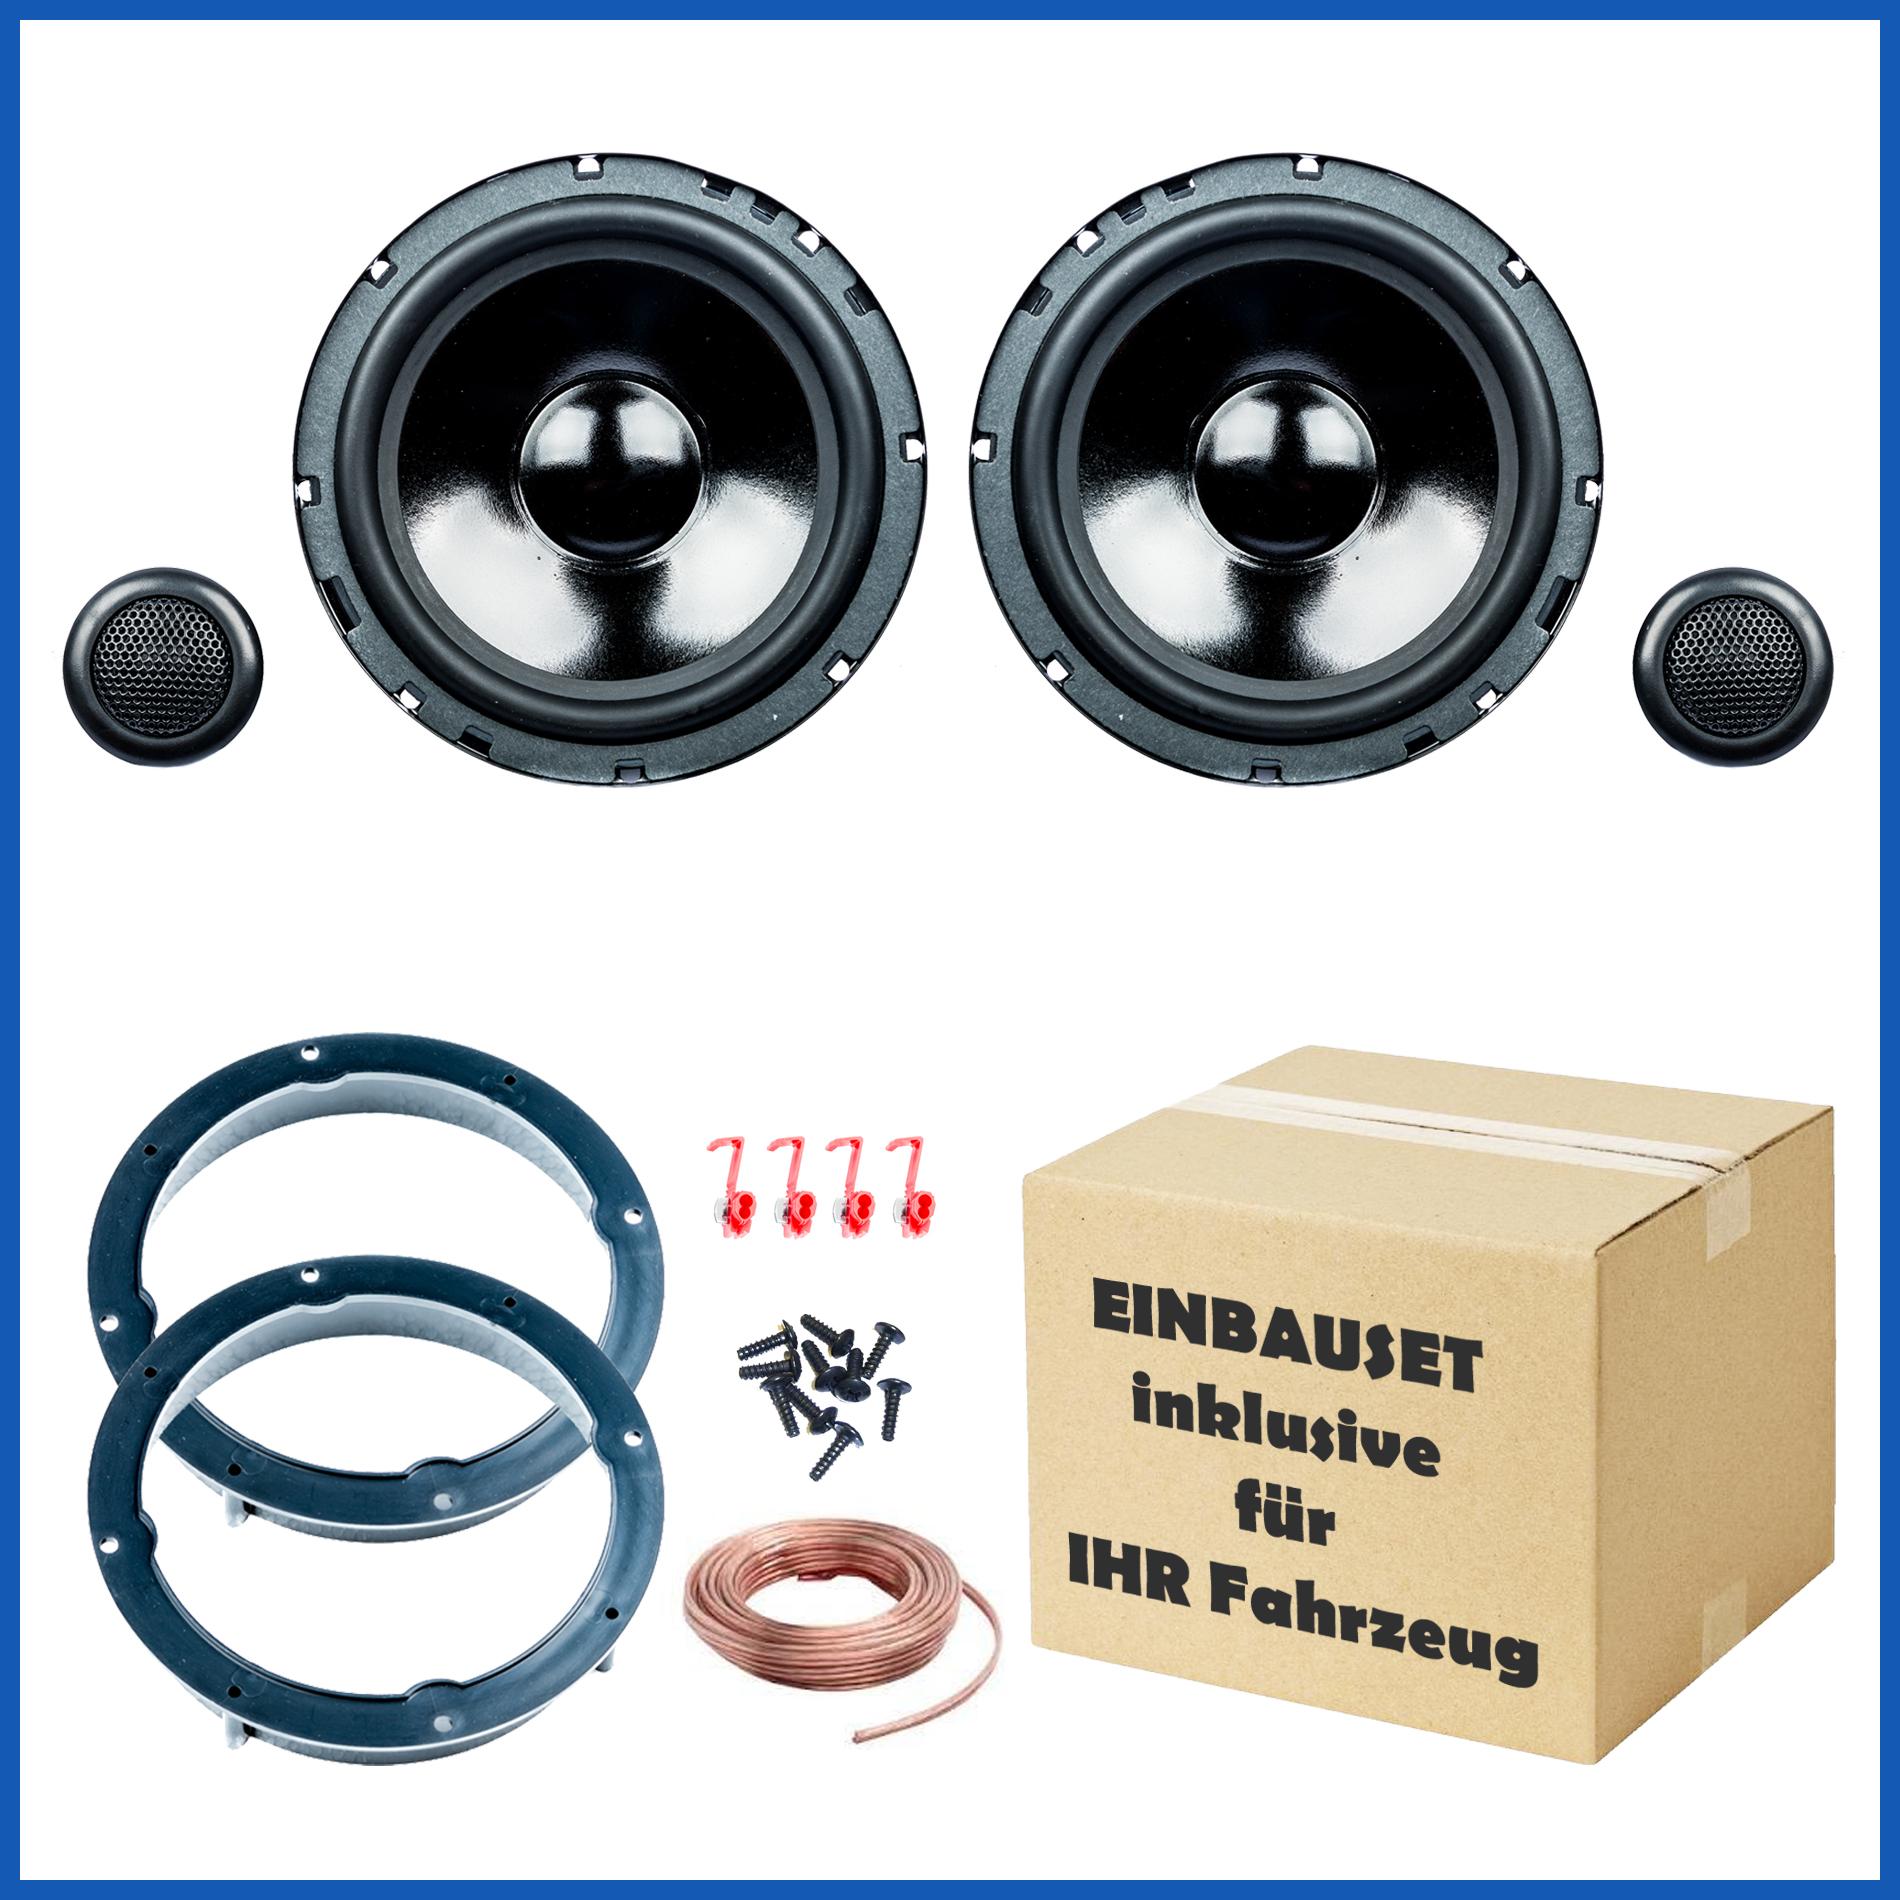 VW Golf 4 und Golf 6 Lautsprecher Einbauset, Tür vorne, PG Audio Evo II 2.16 001